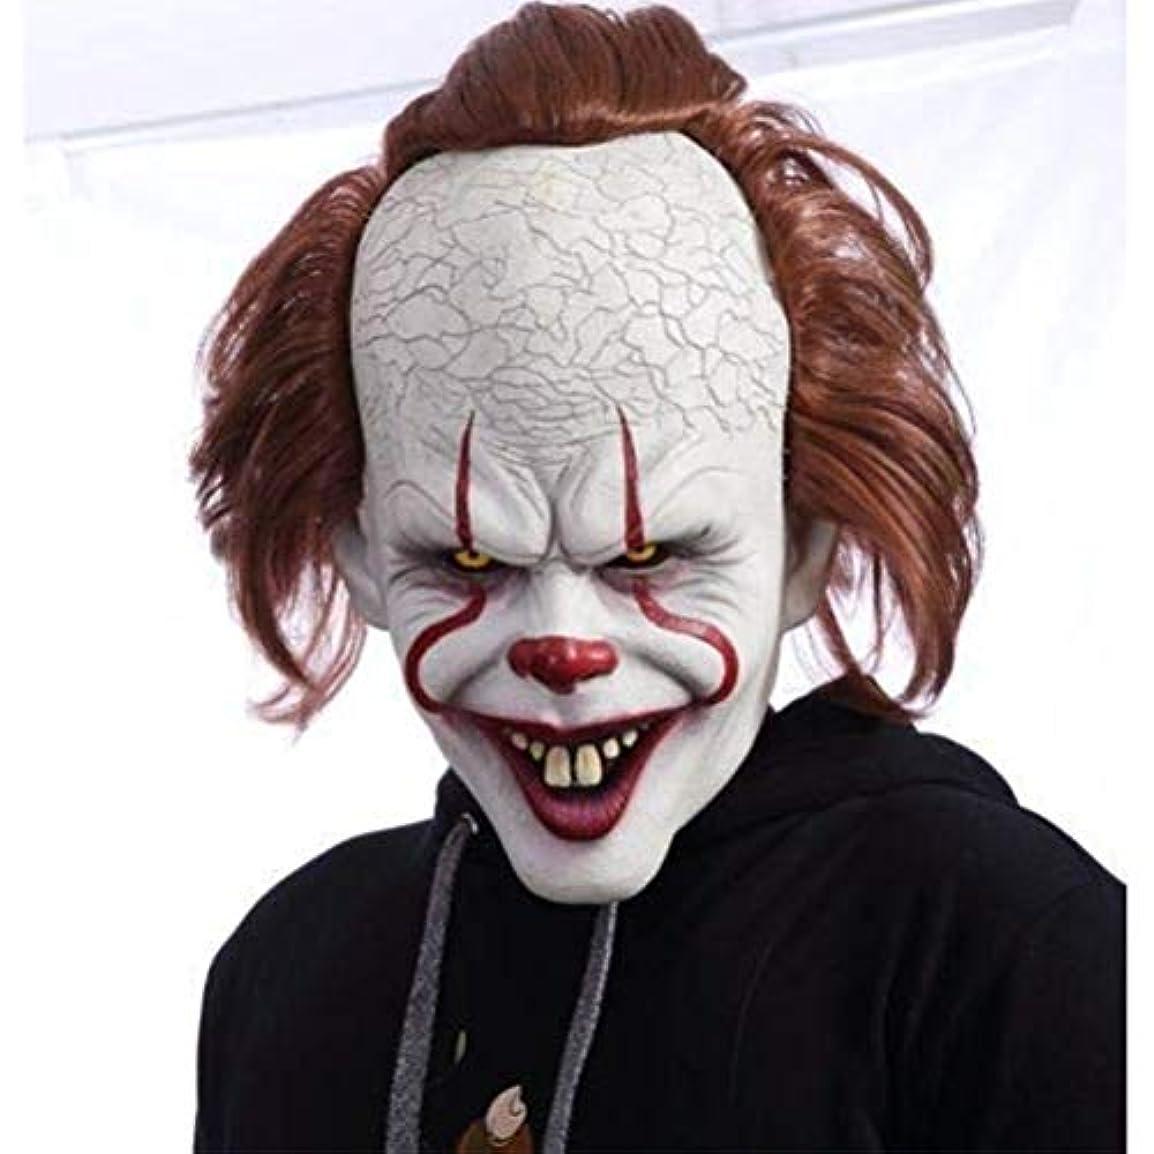 高度有望政治家BSTOPSEL ピエロラテックスマスク怖いジョーカーマスクハロウィンホラーマスクコスプレ衣装の小道具